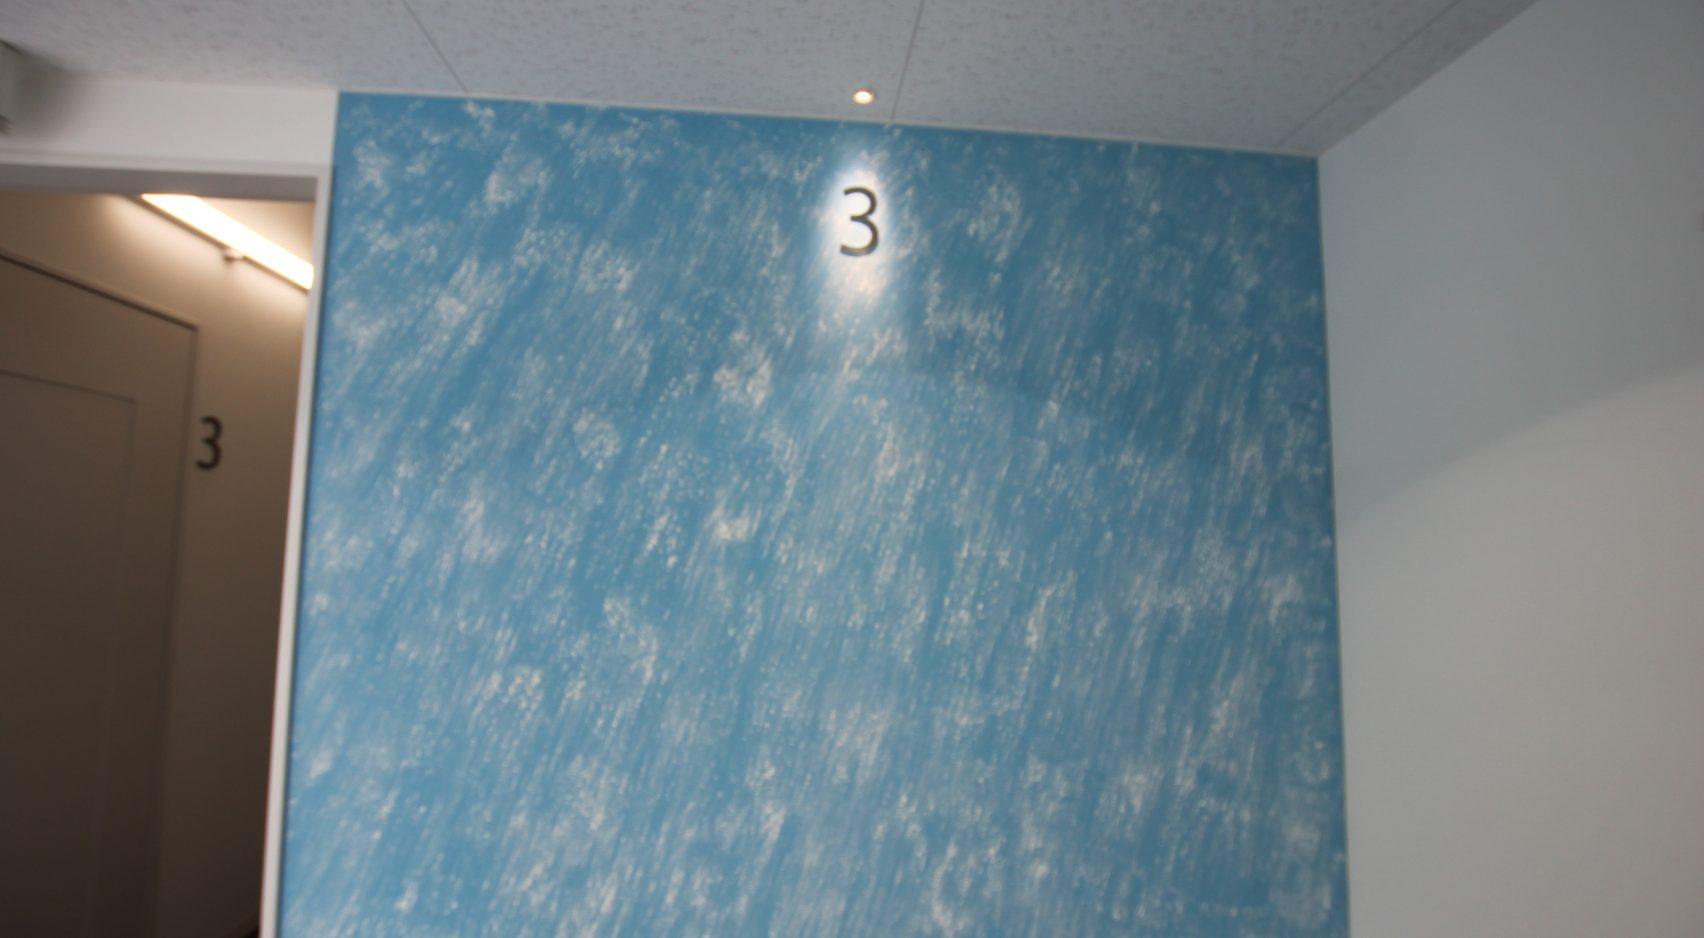 写真: 塗りムラ・不均一な模様を活かしたデザイン例【日本ペイントホールディングスグループ 技術研究棟】